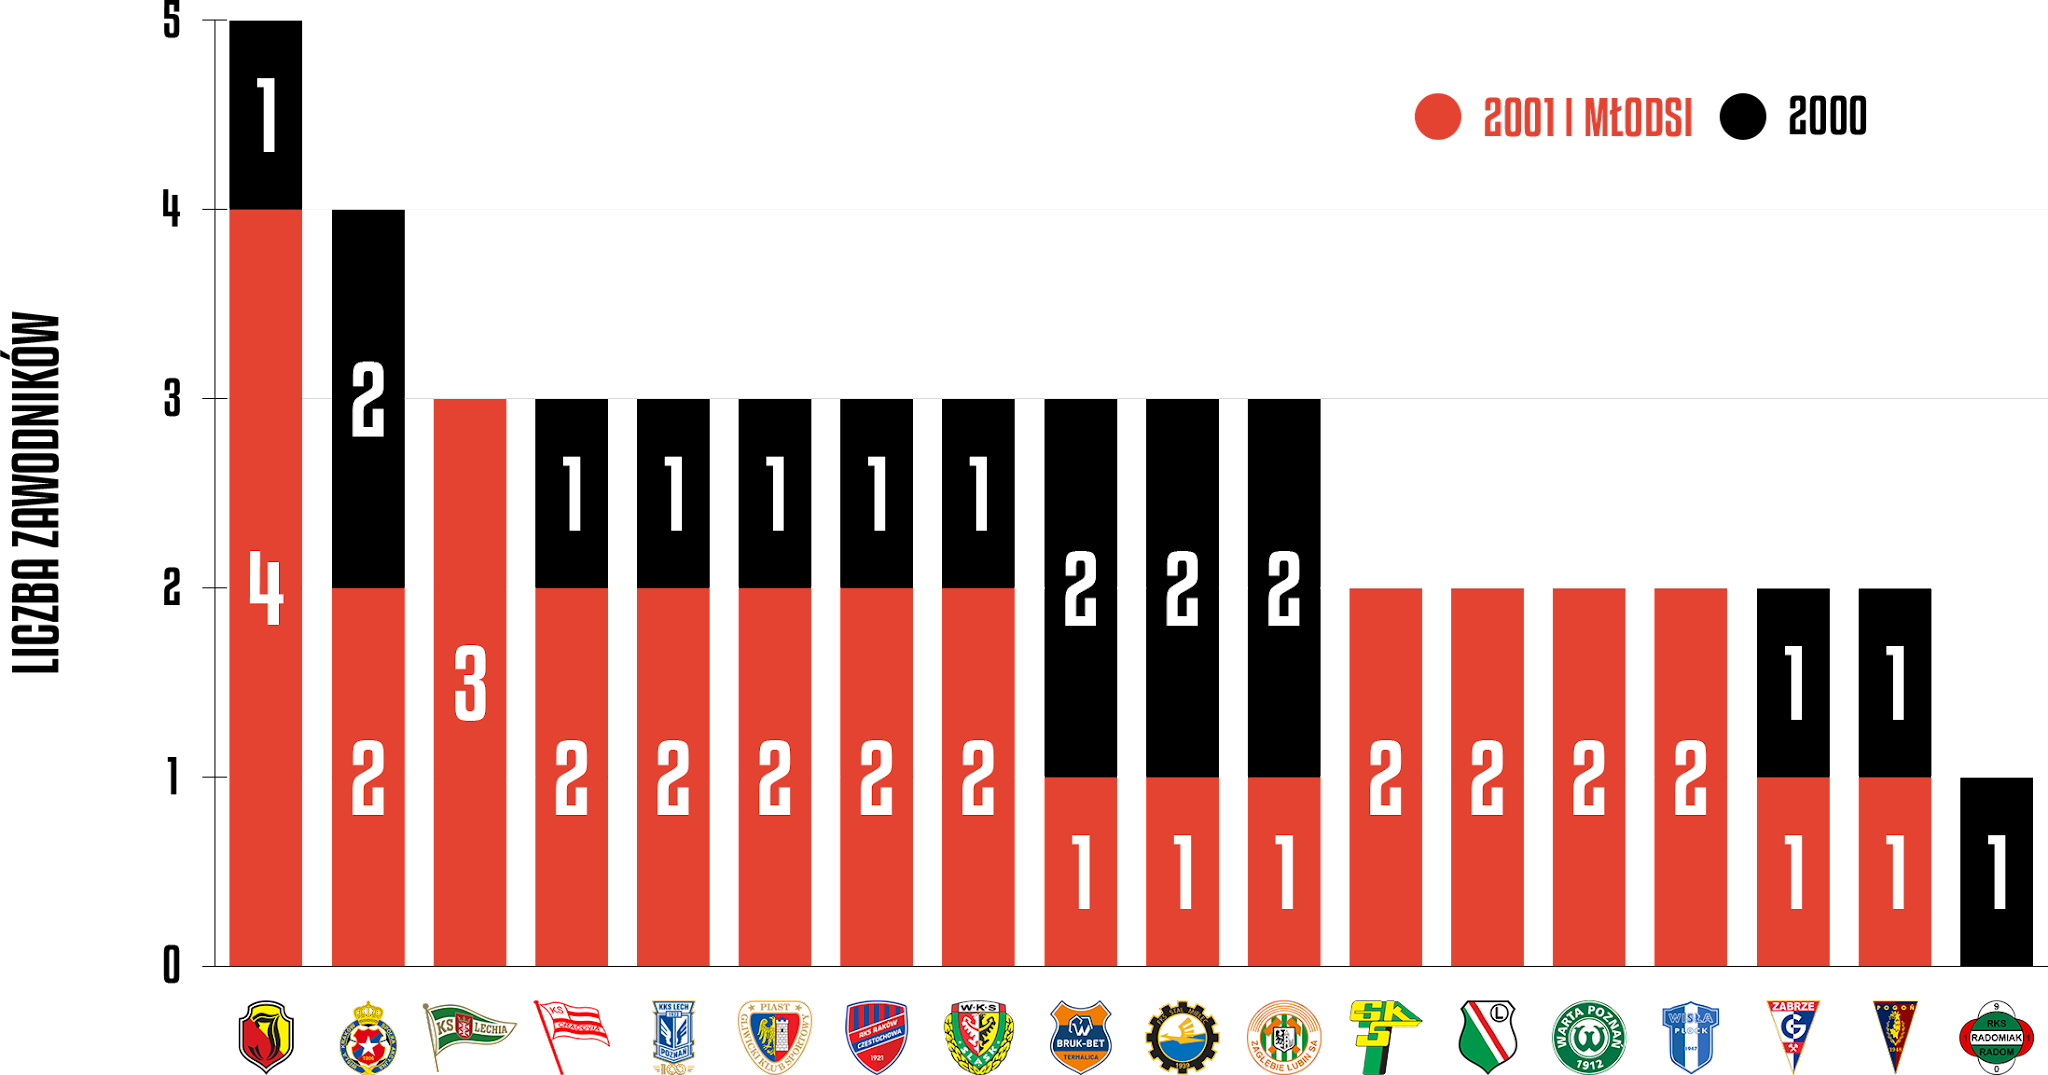 Młodzieżowcy w poszczególnych klubach podczas 8. kolejki PKO Ekstraklasy<br><br>Źródło: Opracowanie własne na podstawie ekstrastats.pl<br><br>graf. Bartosz Urban